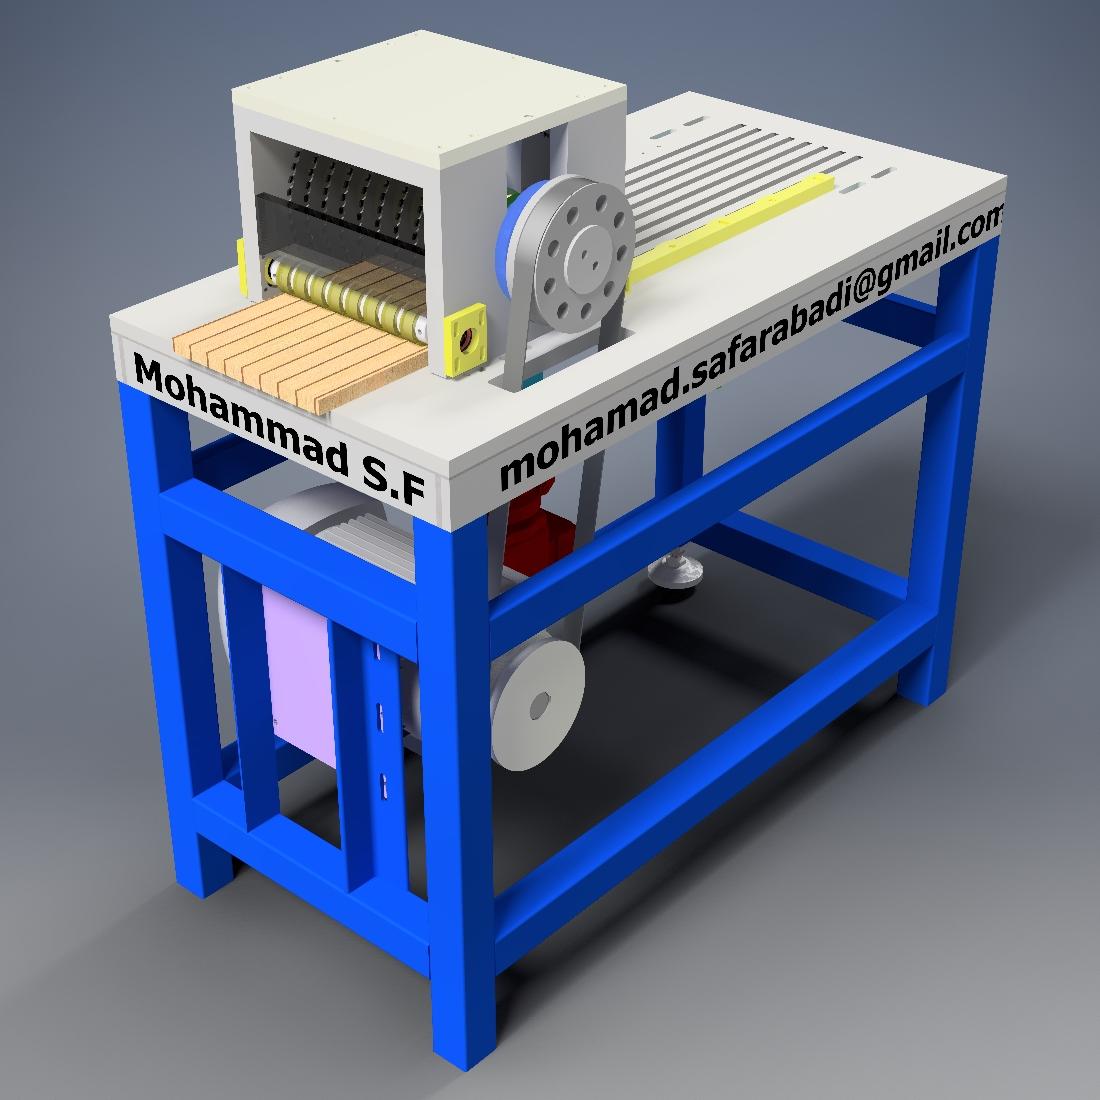 木板多开锯机结构设计【inventor模型】.zip